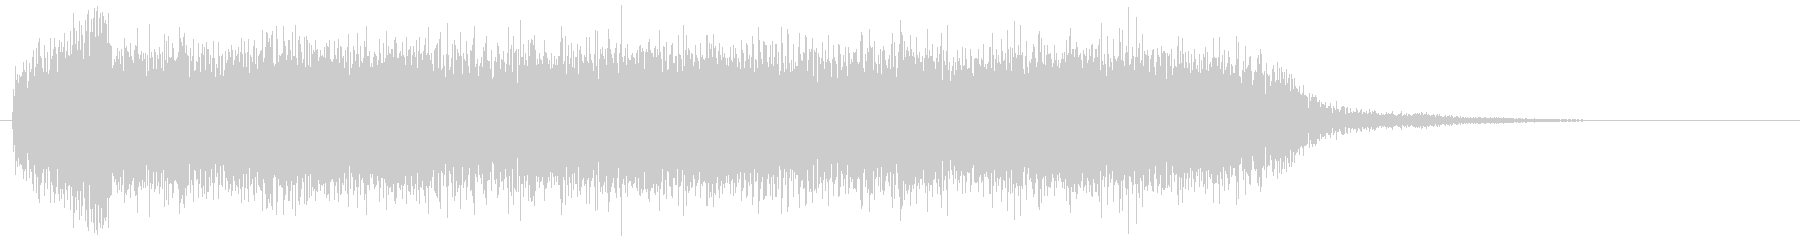 ヘビメタギター ダークなコード 場面転換の未再生の波形